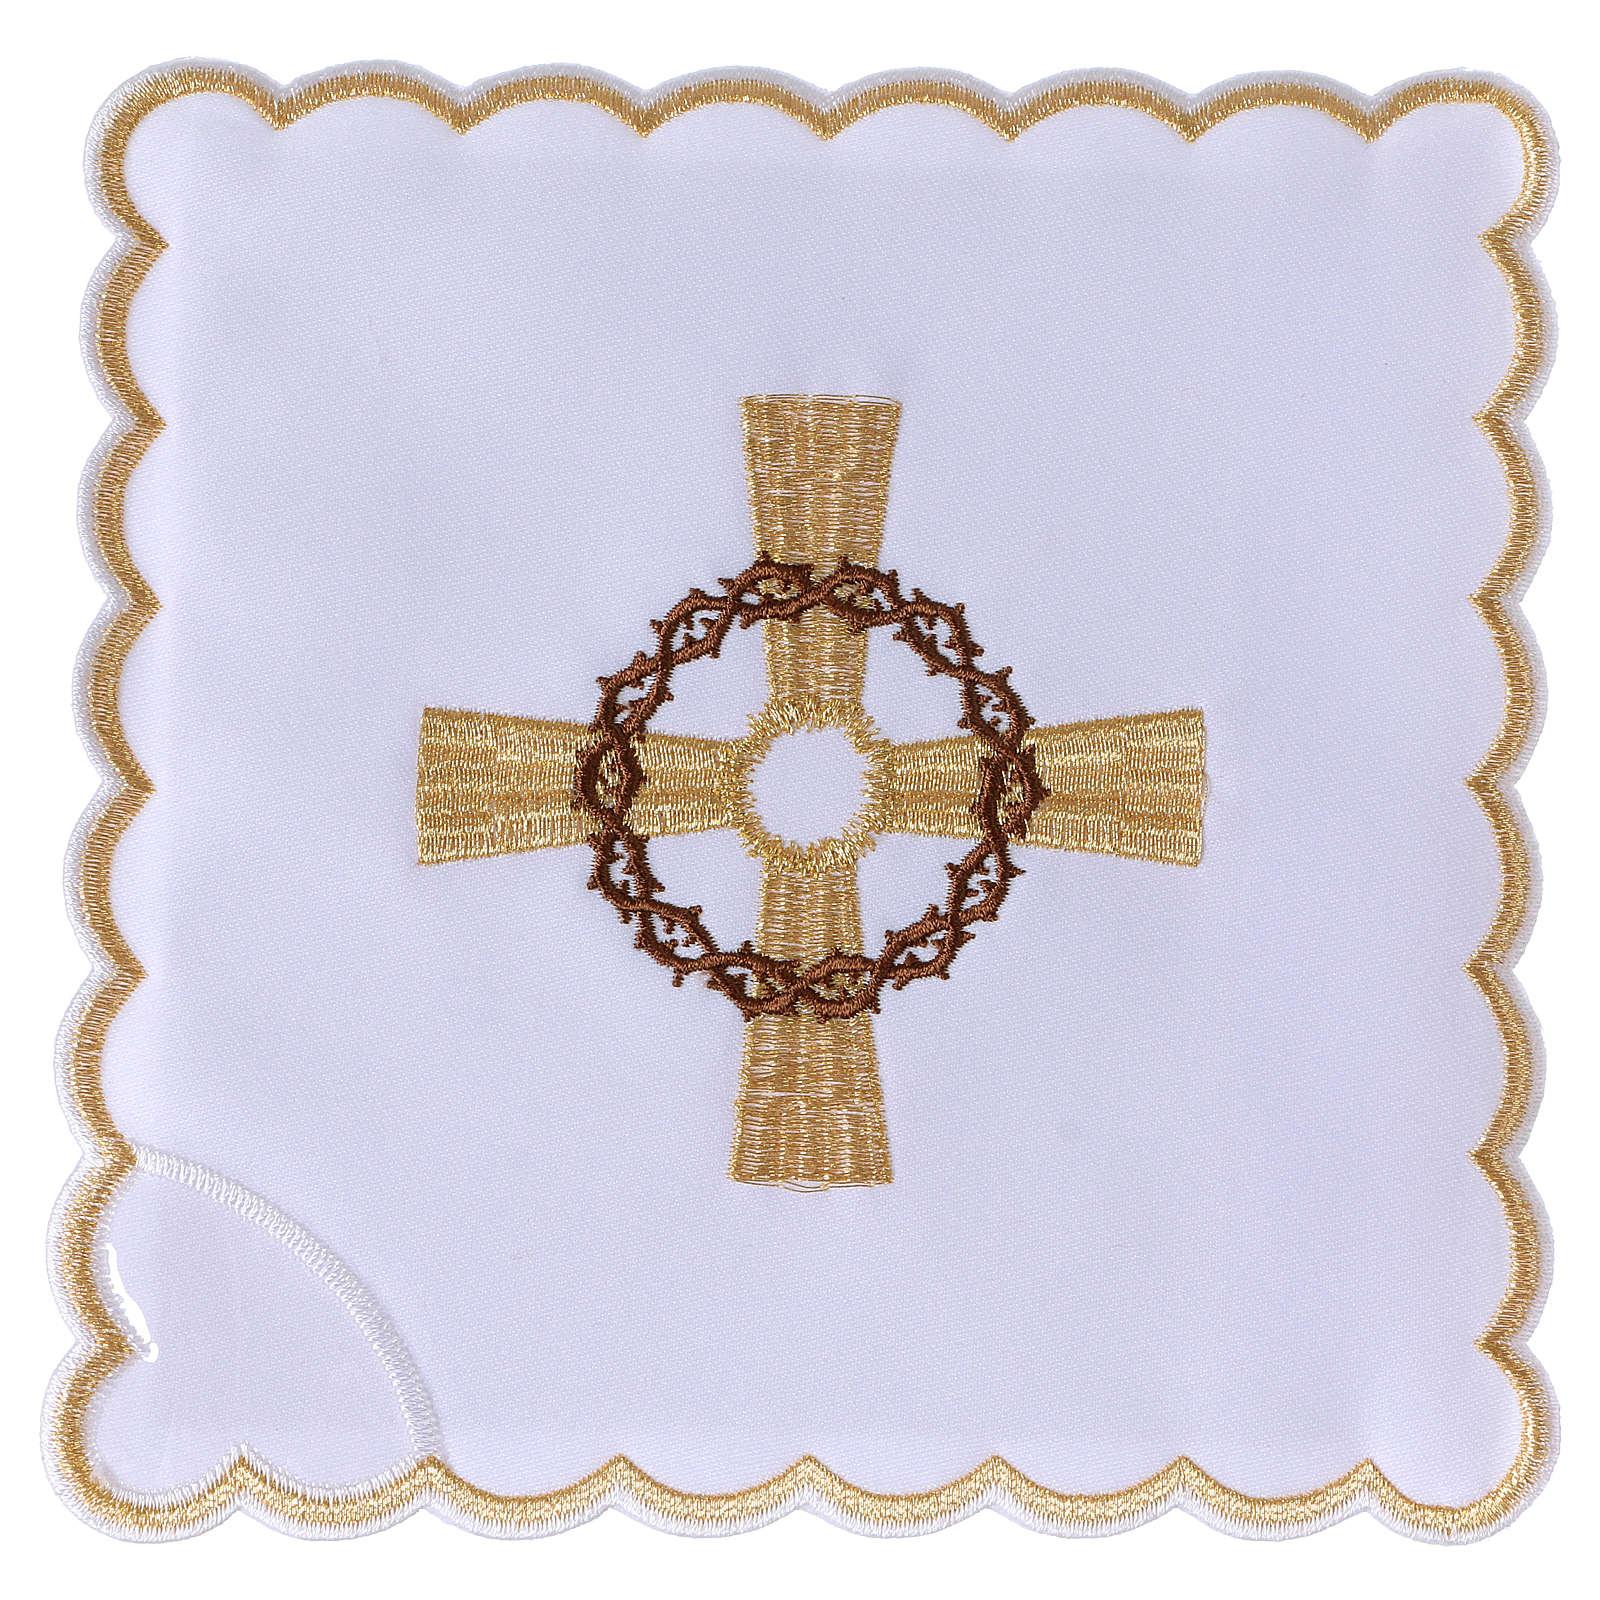 Servizio da altare cotone croce dorata corona di spine 4